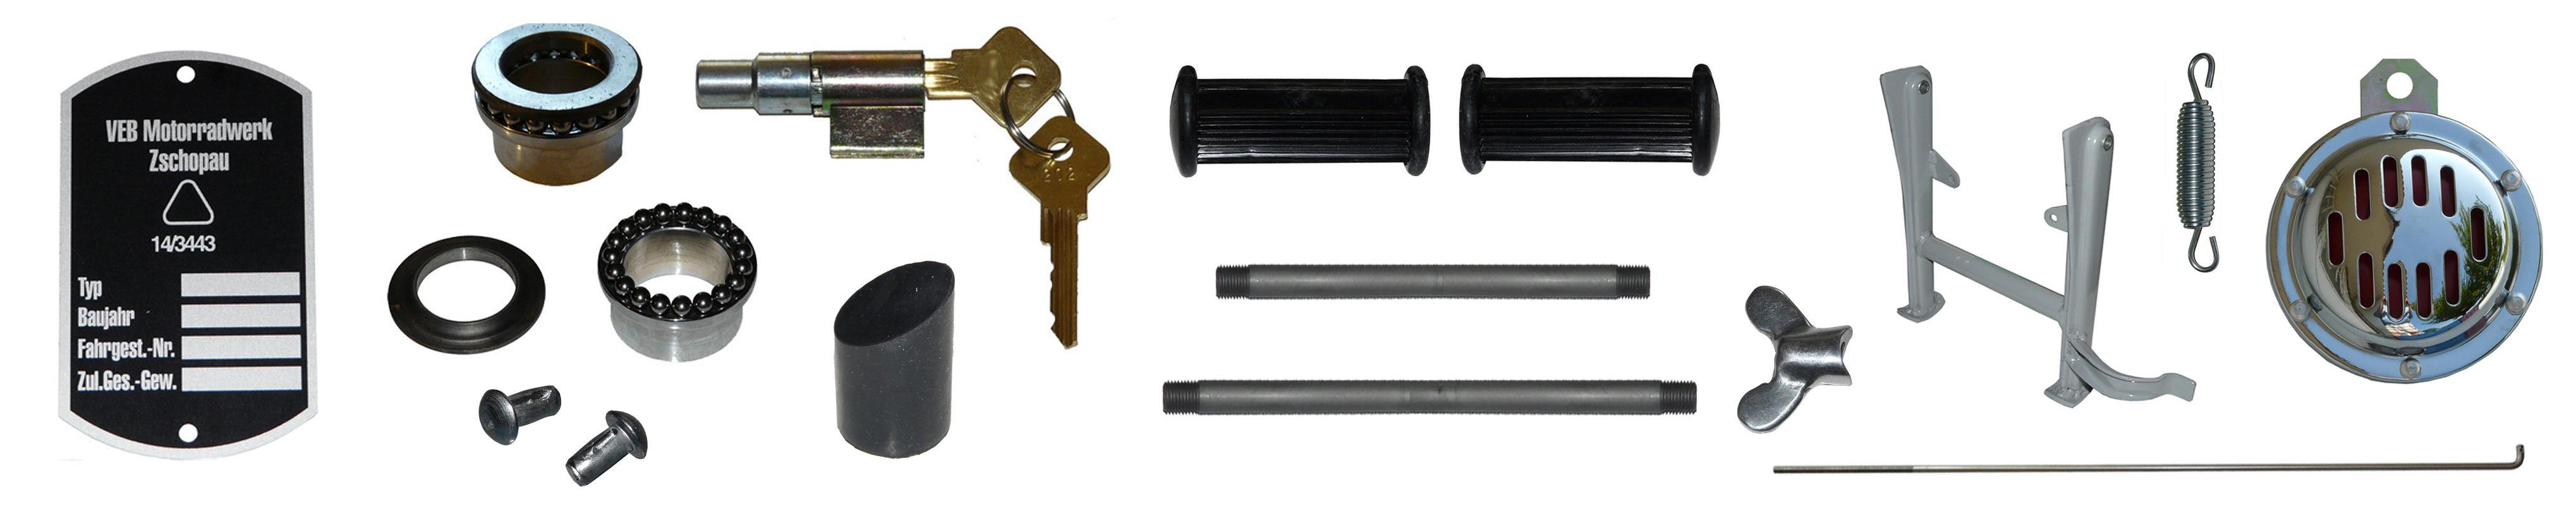 IFA MZ BK 350 Ersatzteile Rahmen Anbauteile